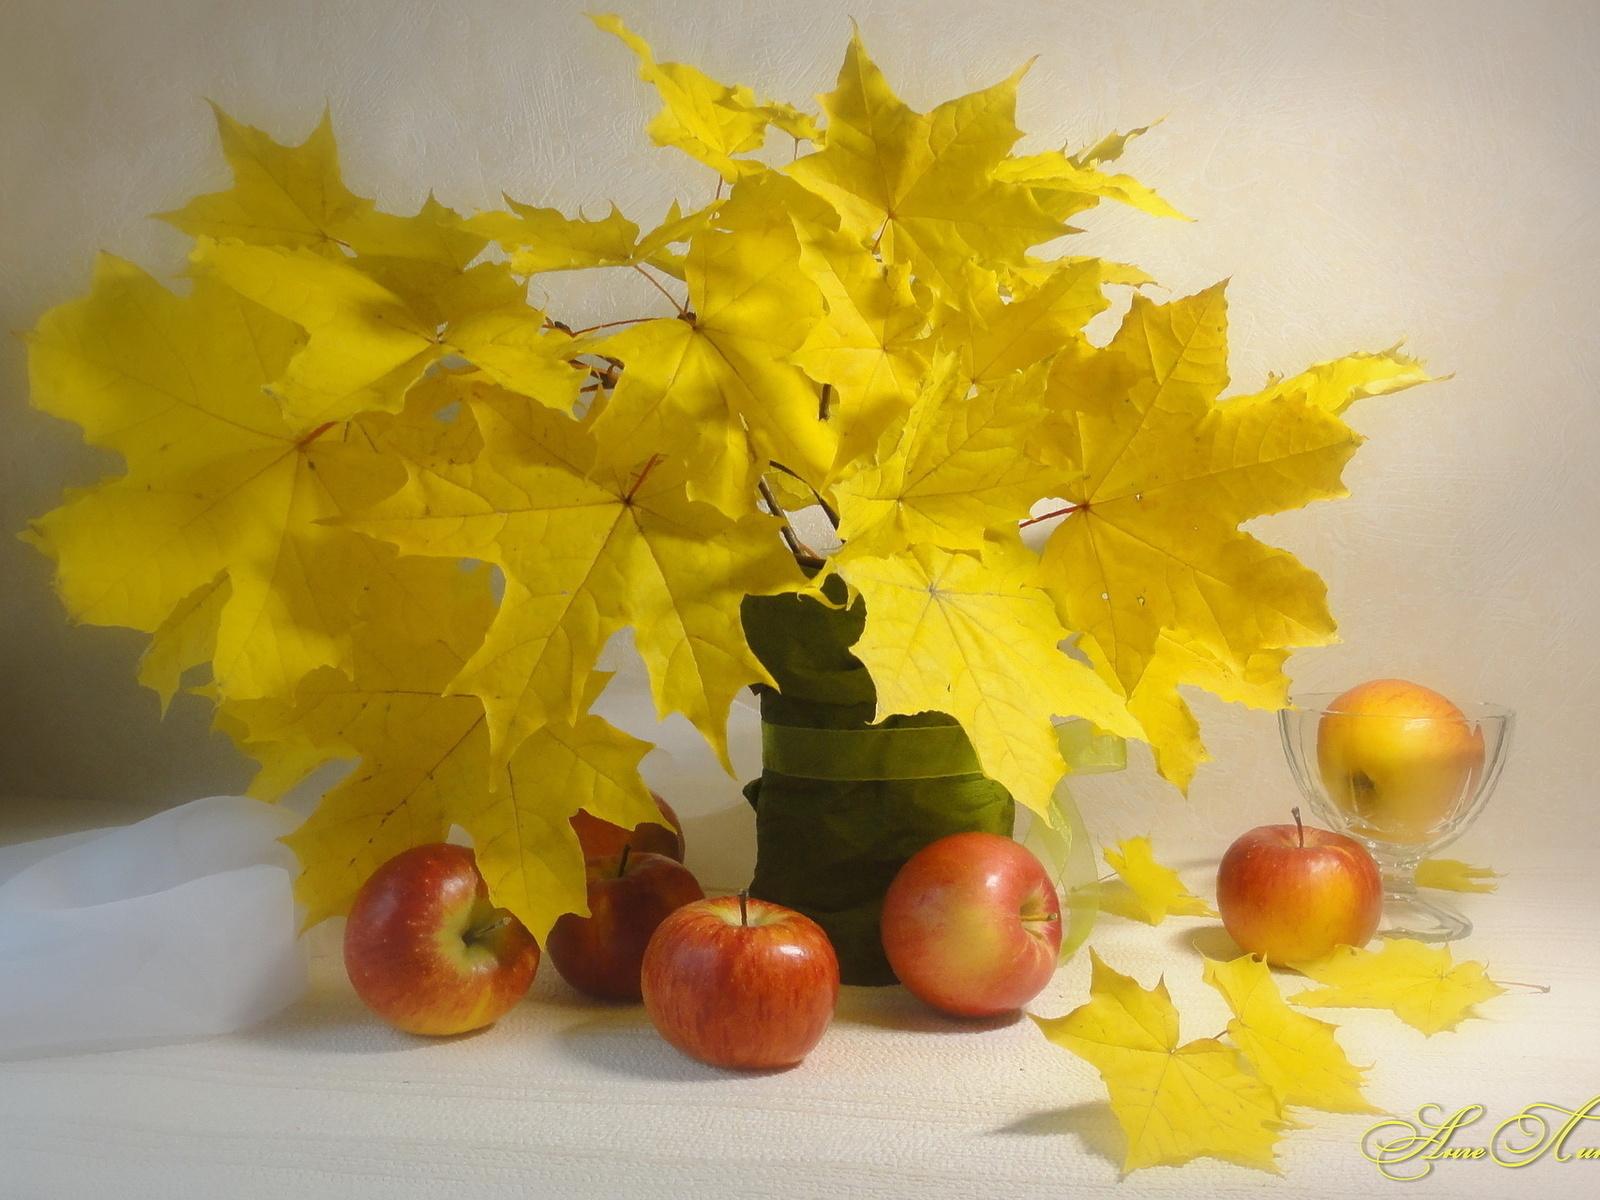 21949 скачать обои Растения, Еда, Листья, Яблоки, Букеты, Натюрморт - заставки и картинки бесплатно